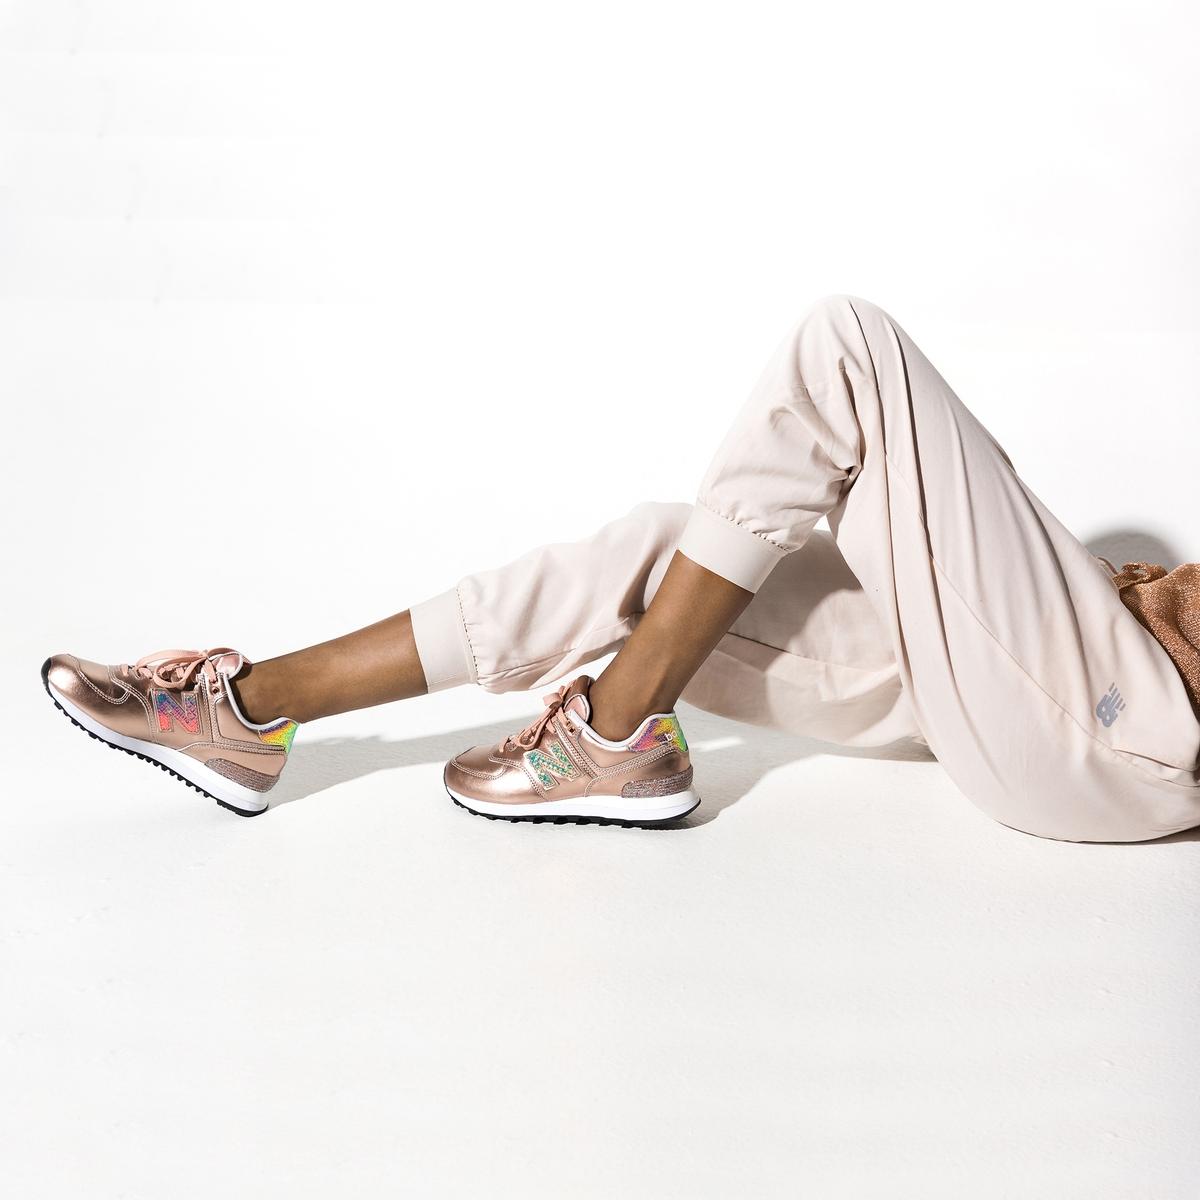 Кеды низкие из кожи на шнуровкеОписание:Кеды низкие на шнуровке NEW BALANCE. Кожа с металлическим блеском и блестящими деталями с пайетками. Знак марки с внешней стороны, N с пайетками.Детали •  Спортивный стиль •  Плоский каблук •  Застежка : шнуровка •  Гладкая отделкаСостав и уход •  Верх/Голенище : 100% кожа •  Подкладка : 100% текстиль •  Стелька : 100% текстиль •  Подошва : 100% синтетический материал<br><br>Цвет: металлик